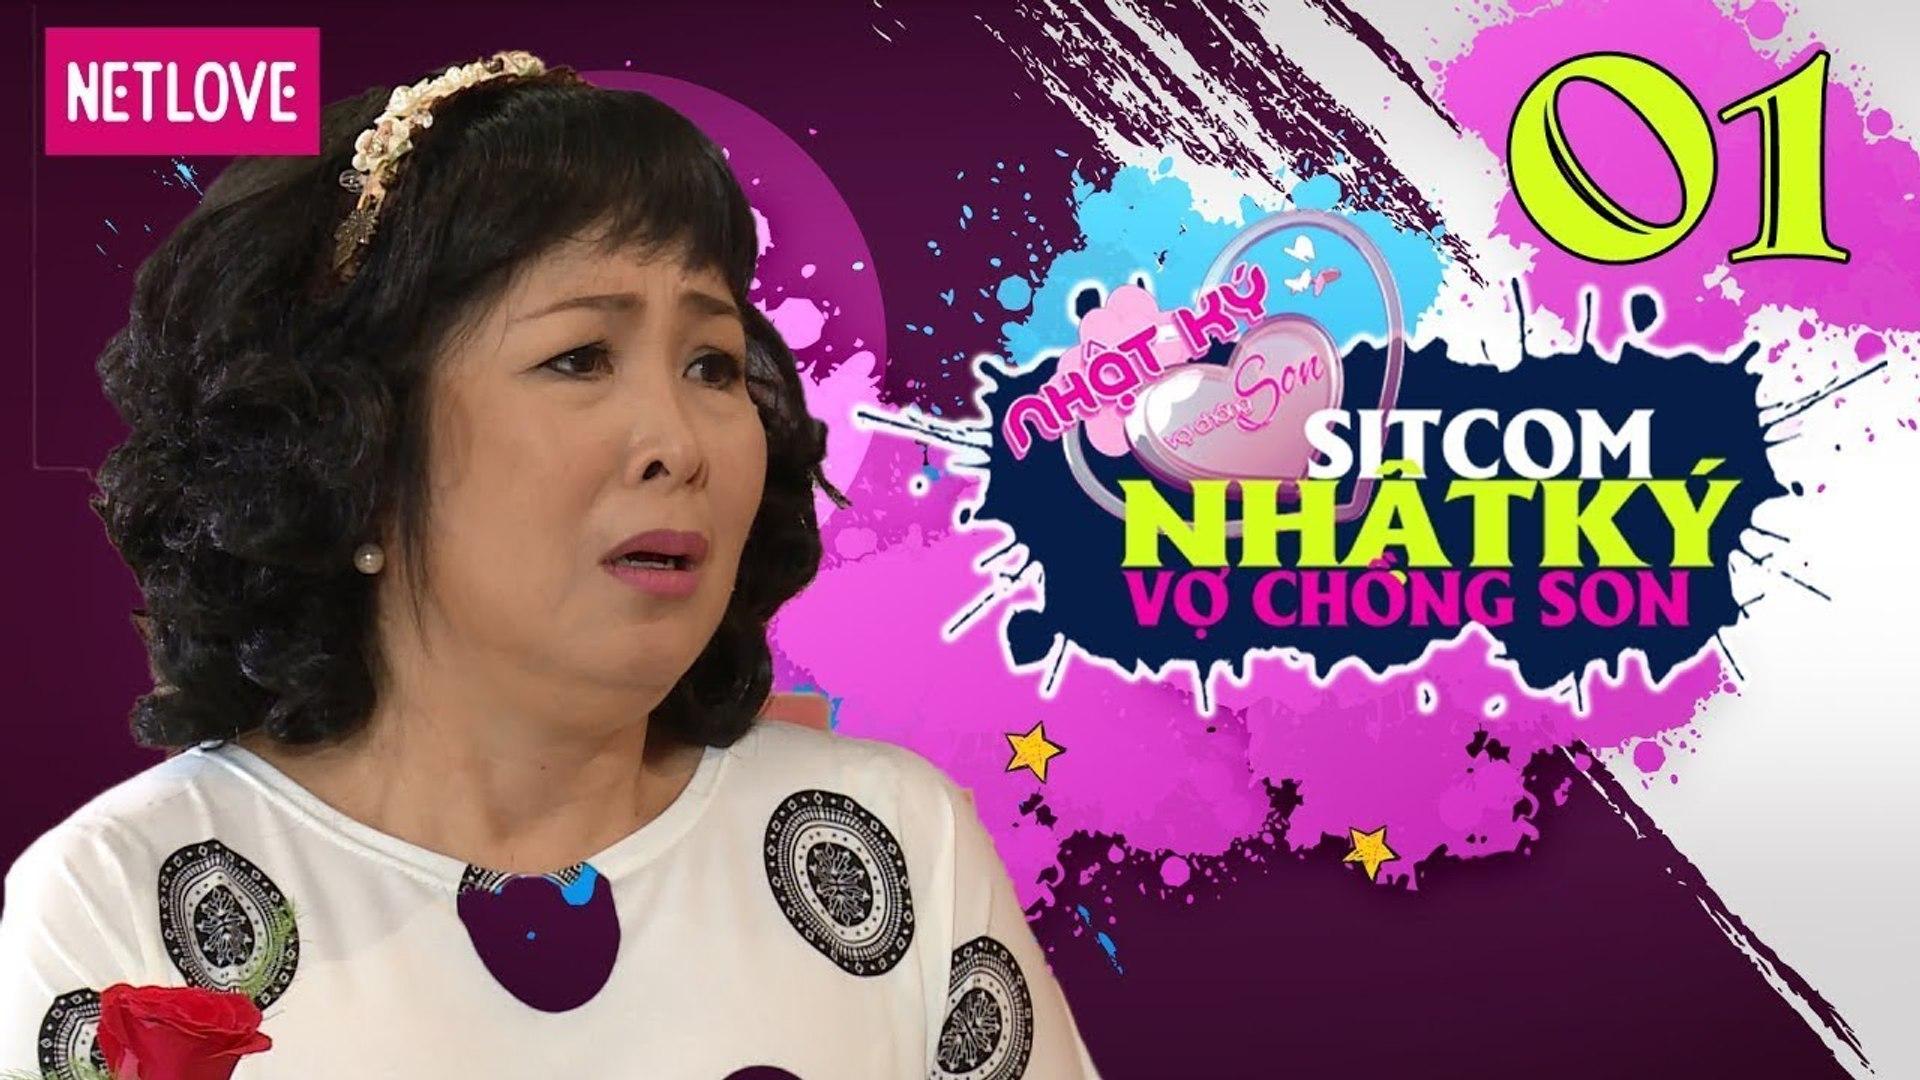 Nhật Ký Vợ Chồng Son - Tập 01: Tình Yêu Không Tuổi